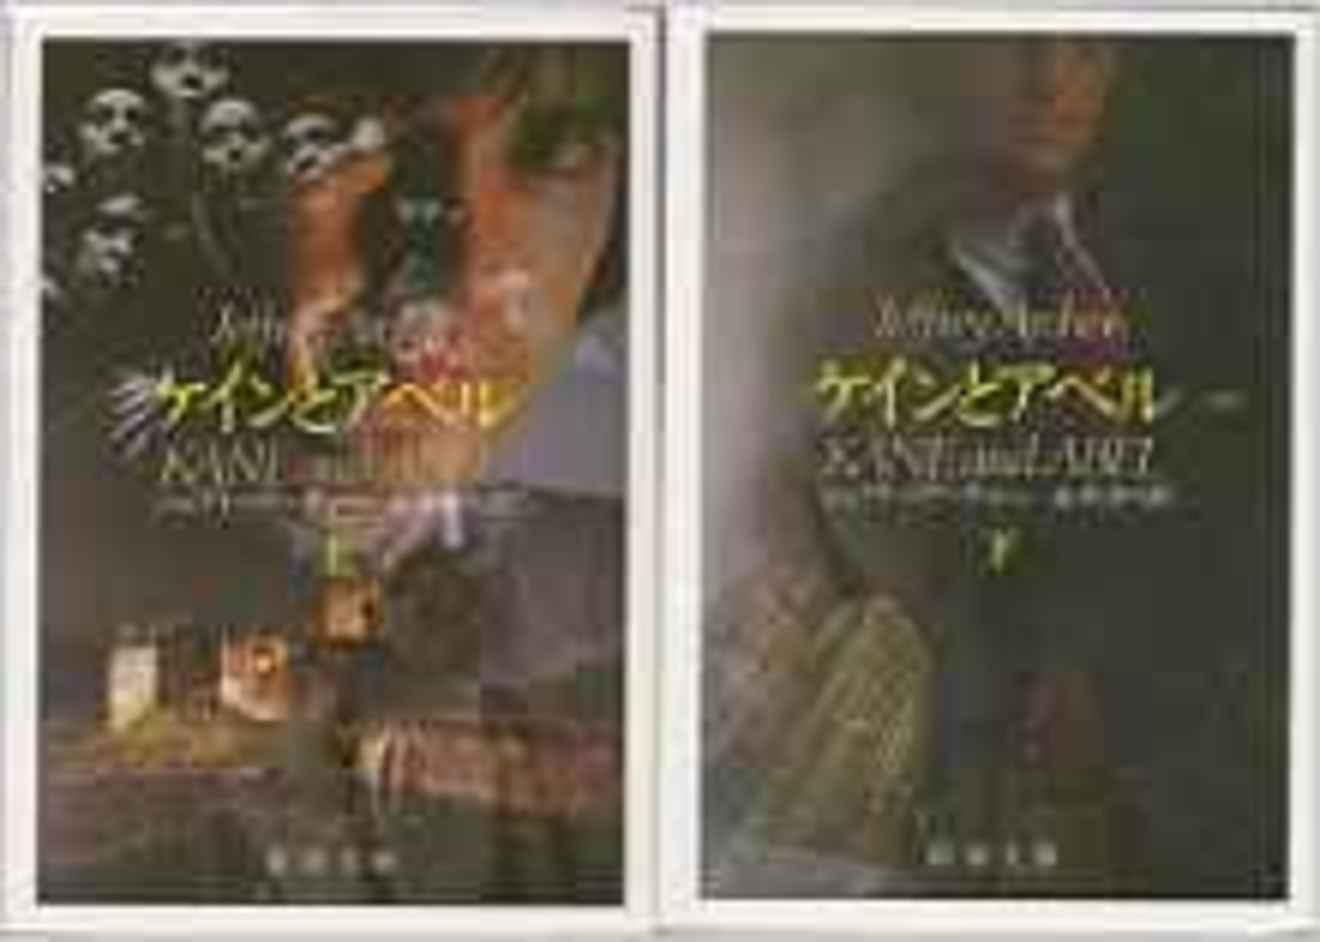 ジェフリー・アーチャー入門にぴったりのおすすめ小説5選!